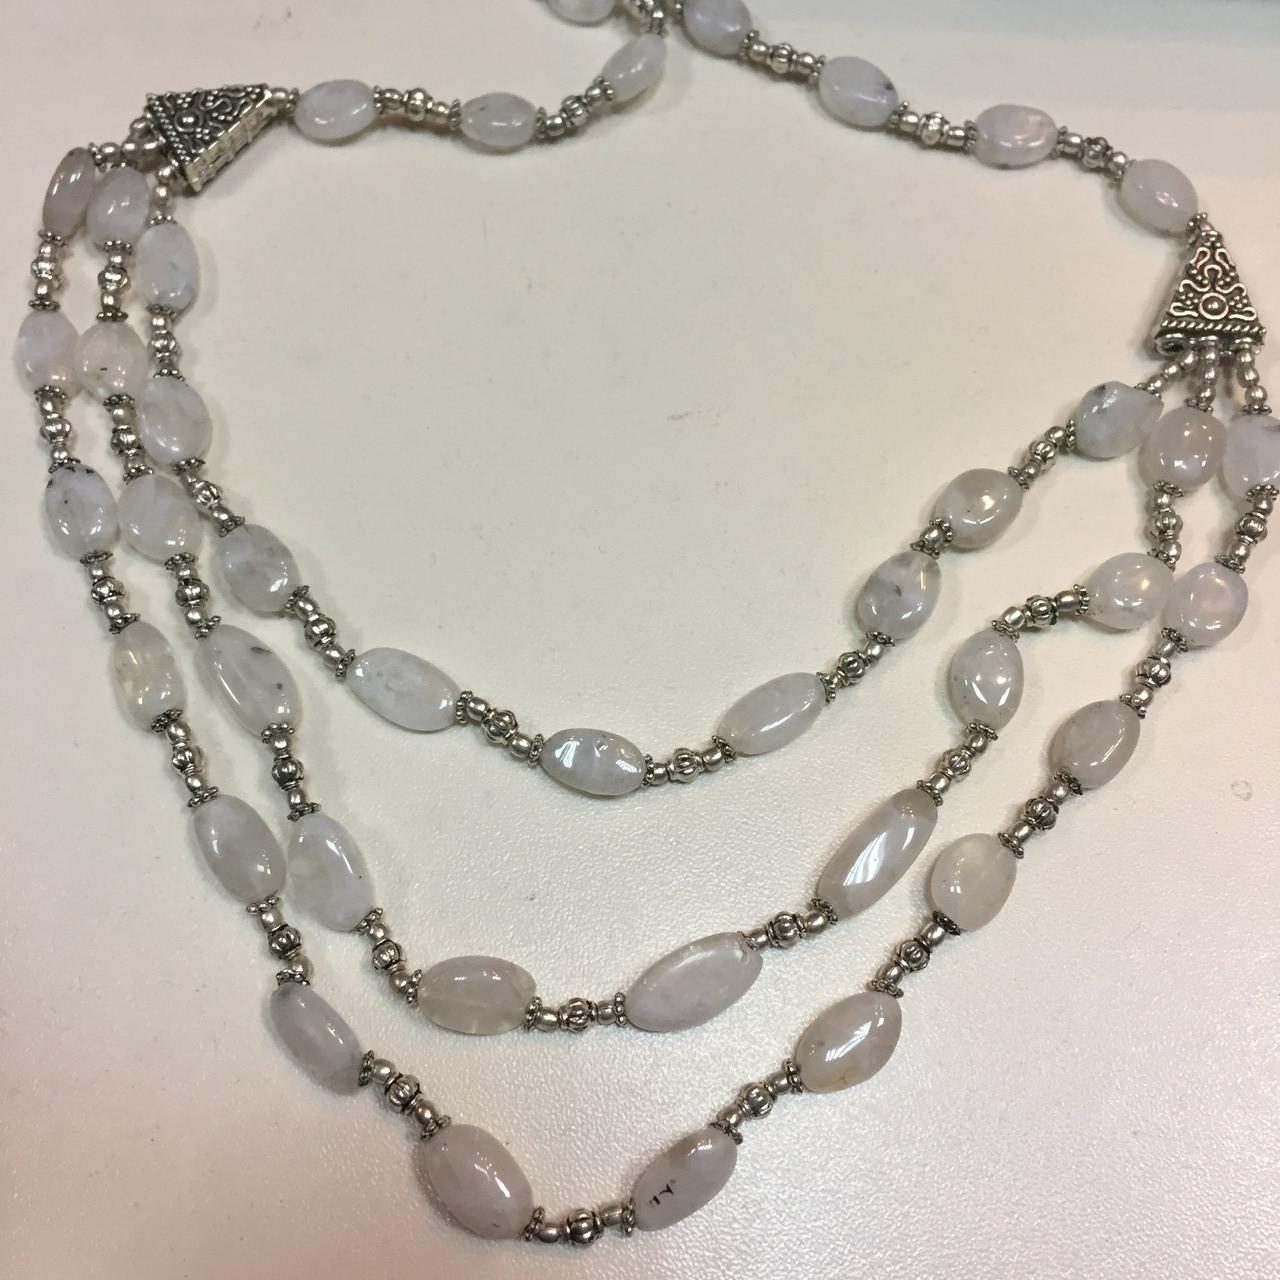 Колье лунный камень в серебре. Шикарное ожерелье с природным лунным камнем Индия